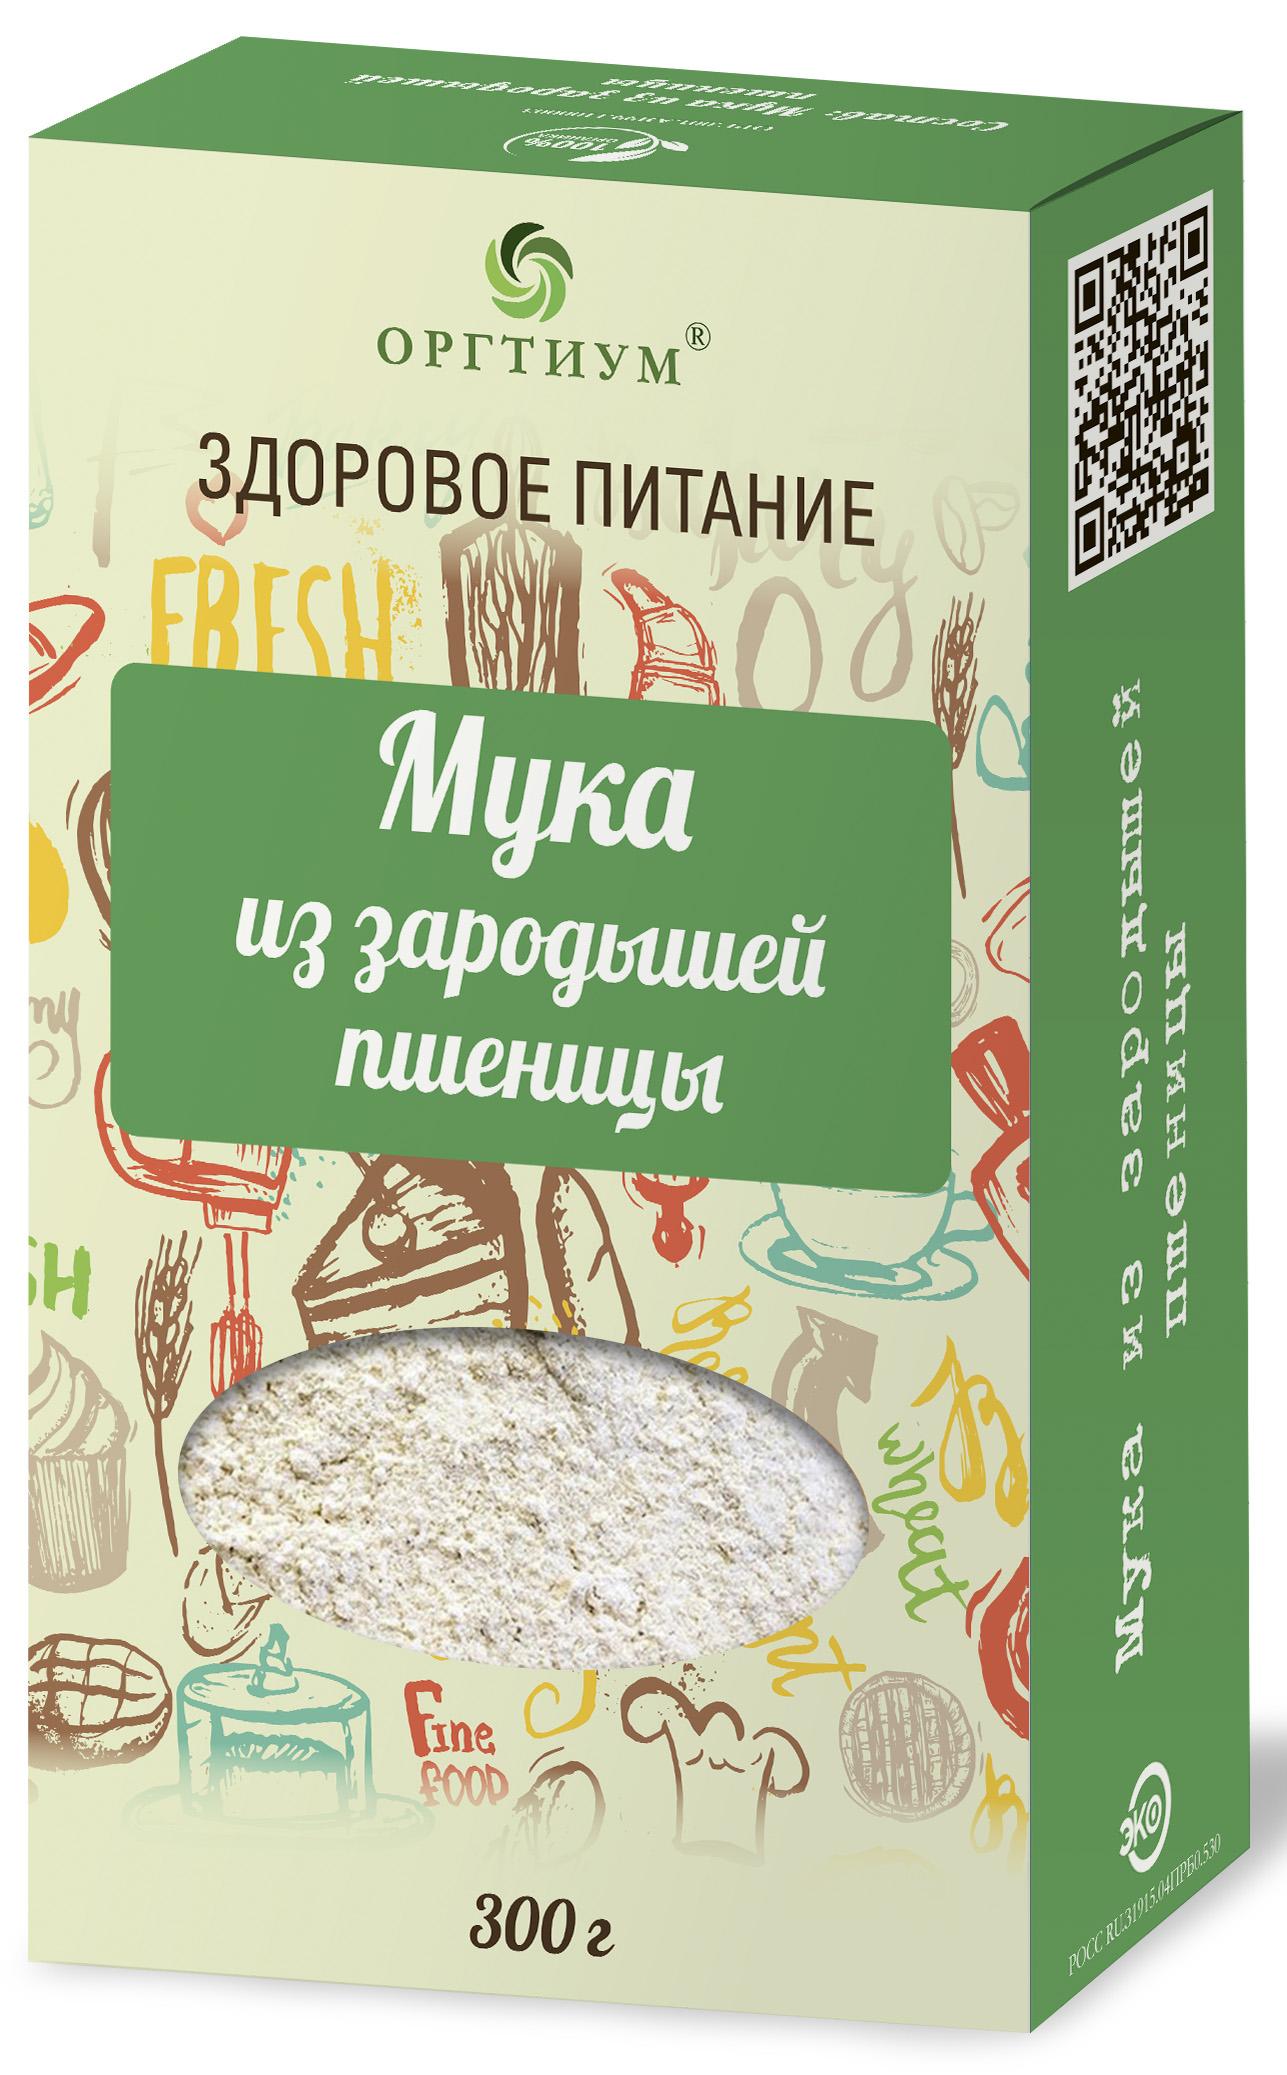 Мука экологическая зародышей пшеницы, 300 гр, Оргтиум фото